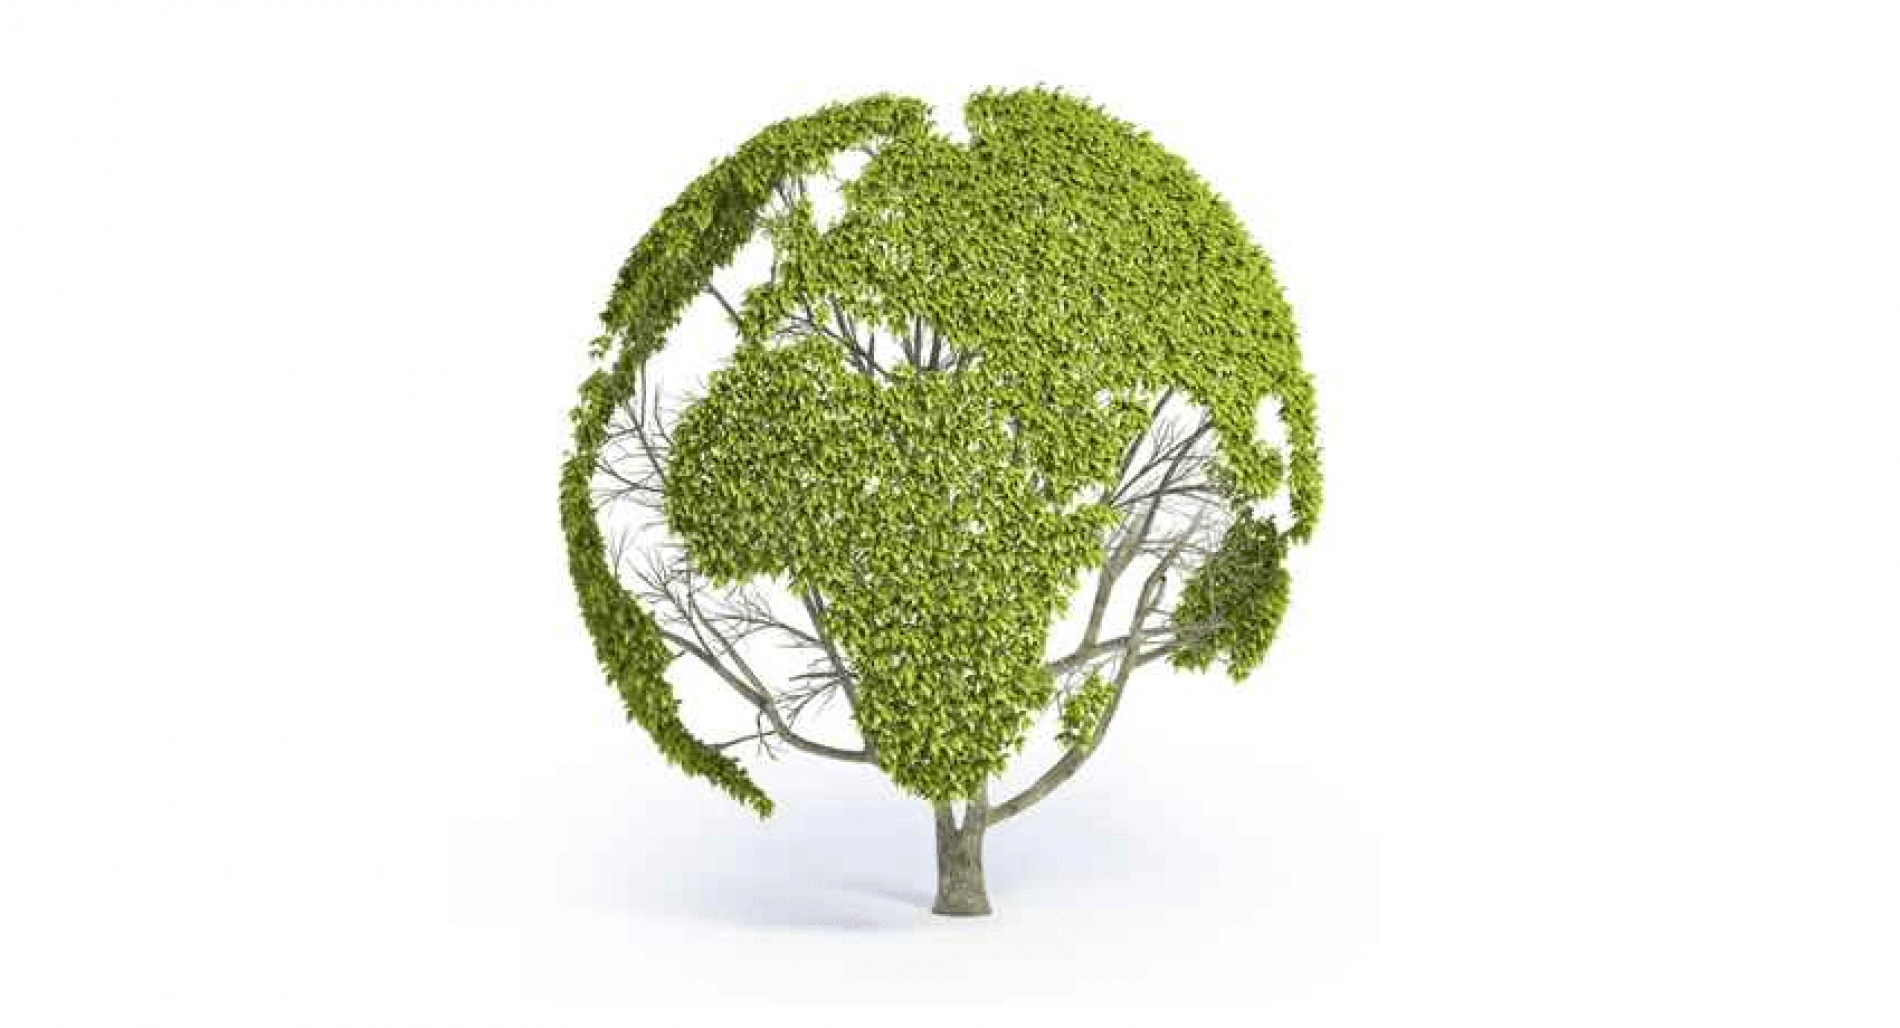 Valutazione Impatto Ambientale: le Regioni chiedono più chiarezza